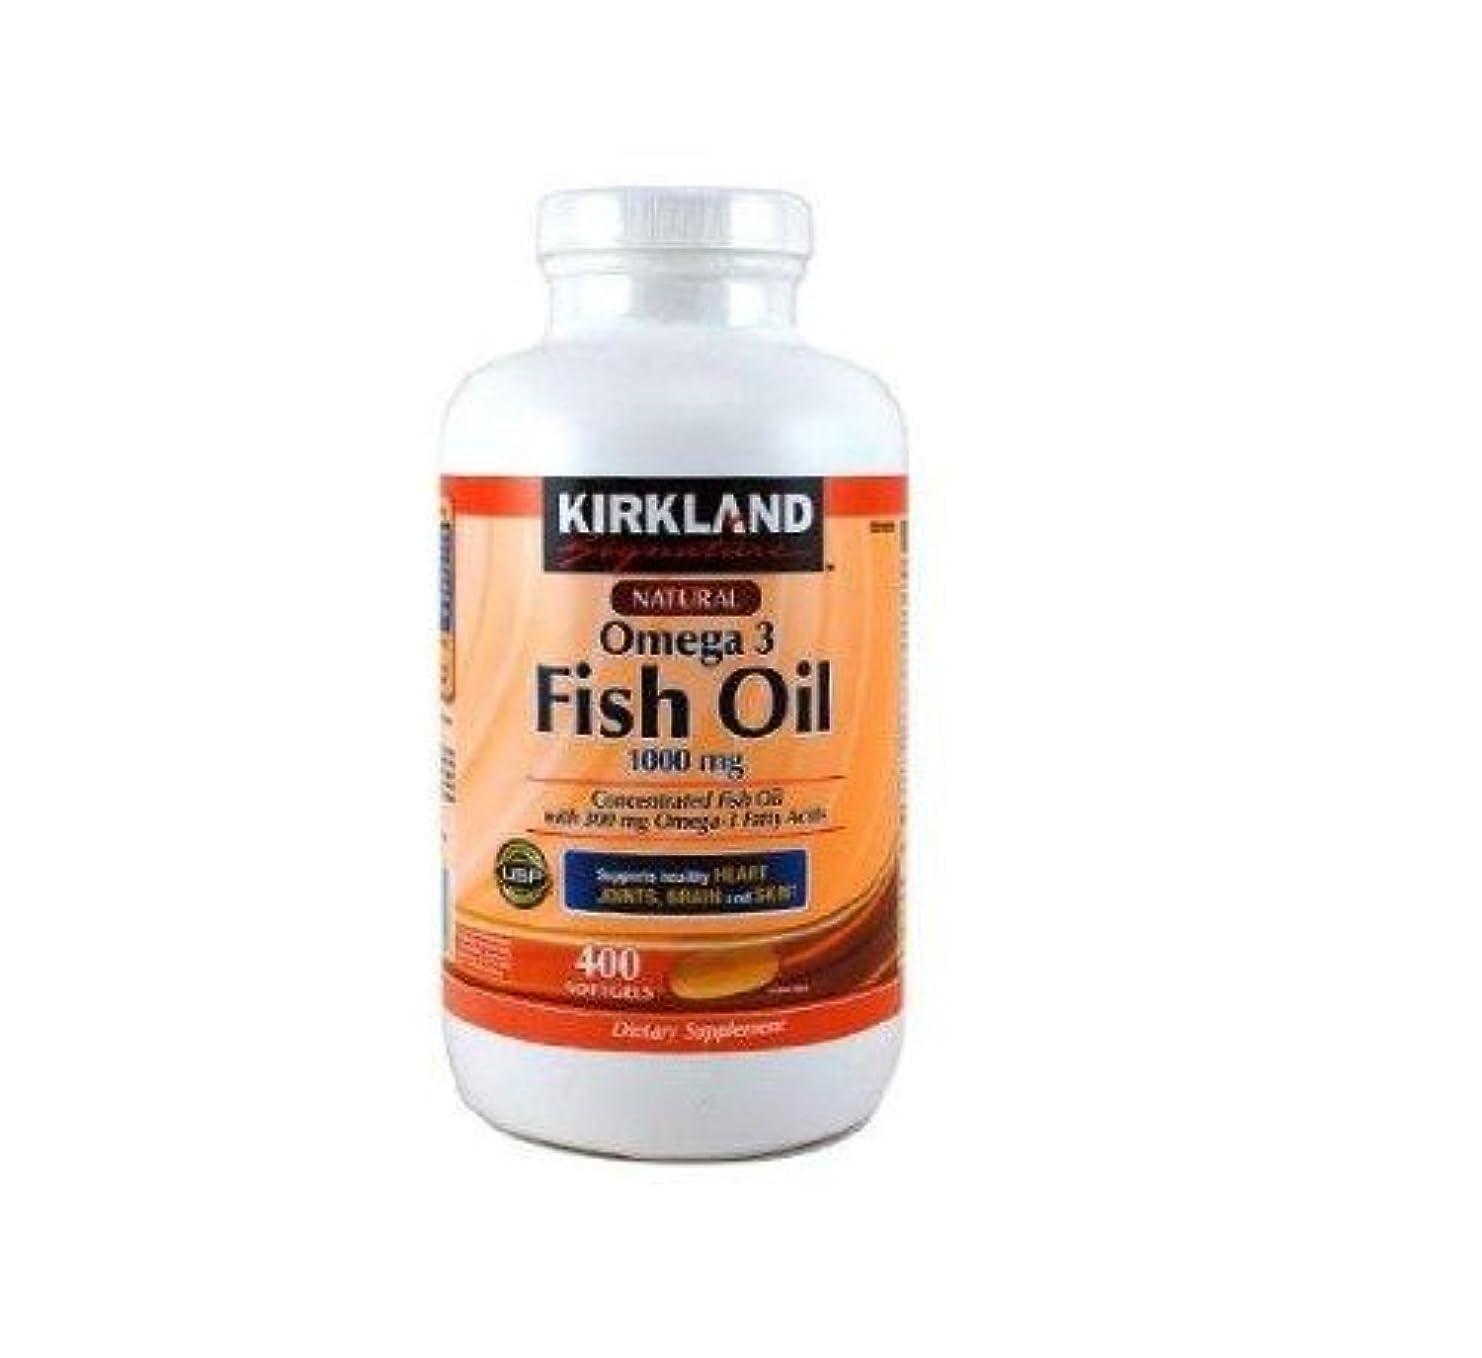 詳細にロードされたクリアKIRKLAND社 フィッシュオイル (DHA+EPA) オメガ3 1000mg 400ソフトカプセル 2本 [並行輸入品] [海外直送品] Two KIRKLAND's Fish oil (DHA + EPA) omega...